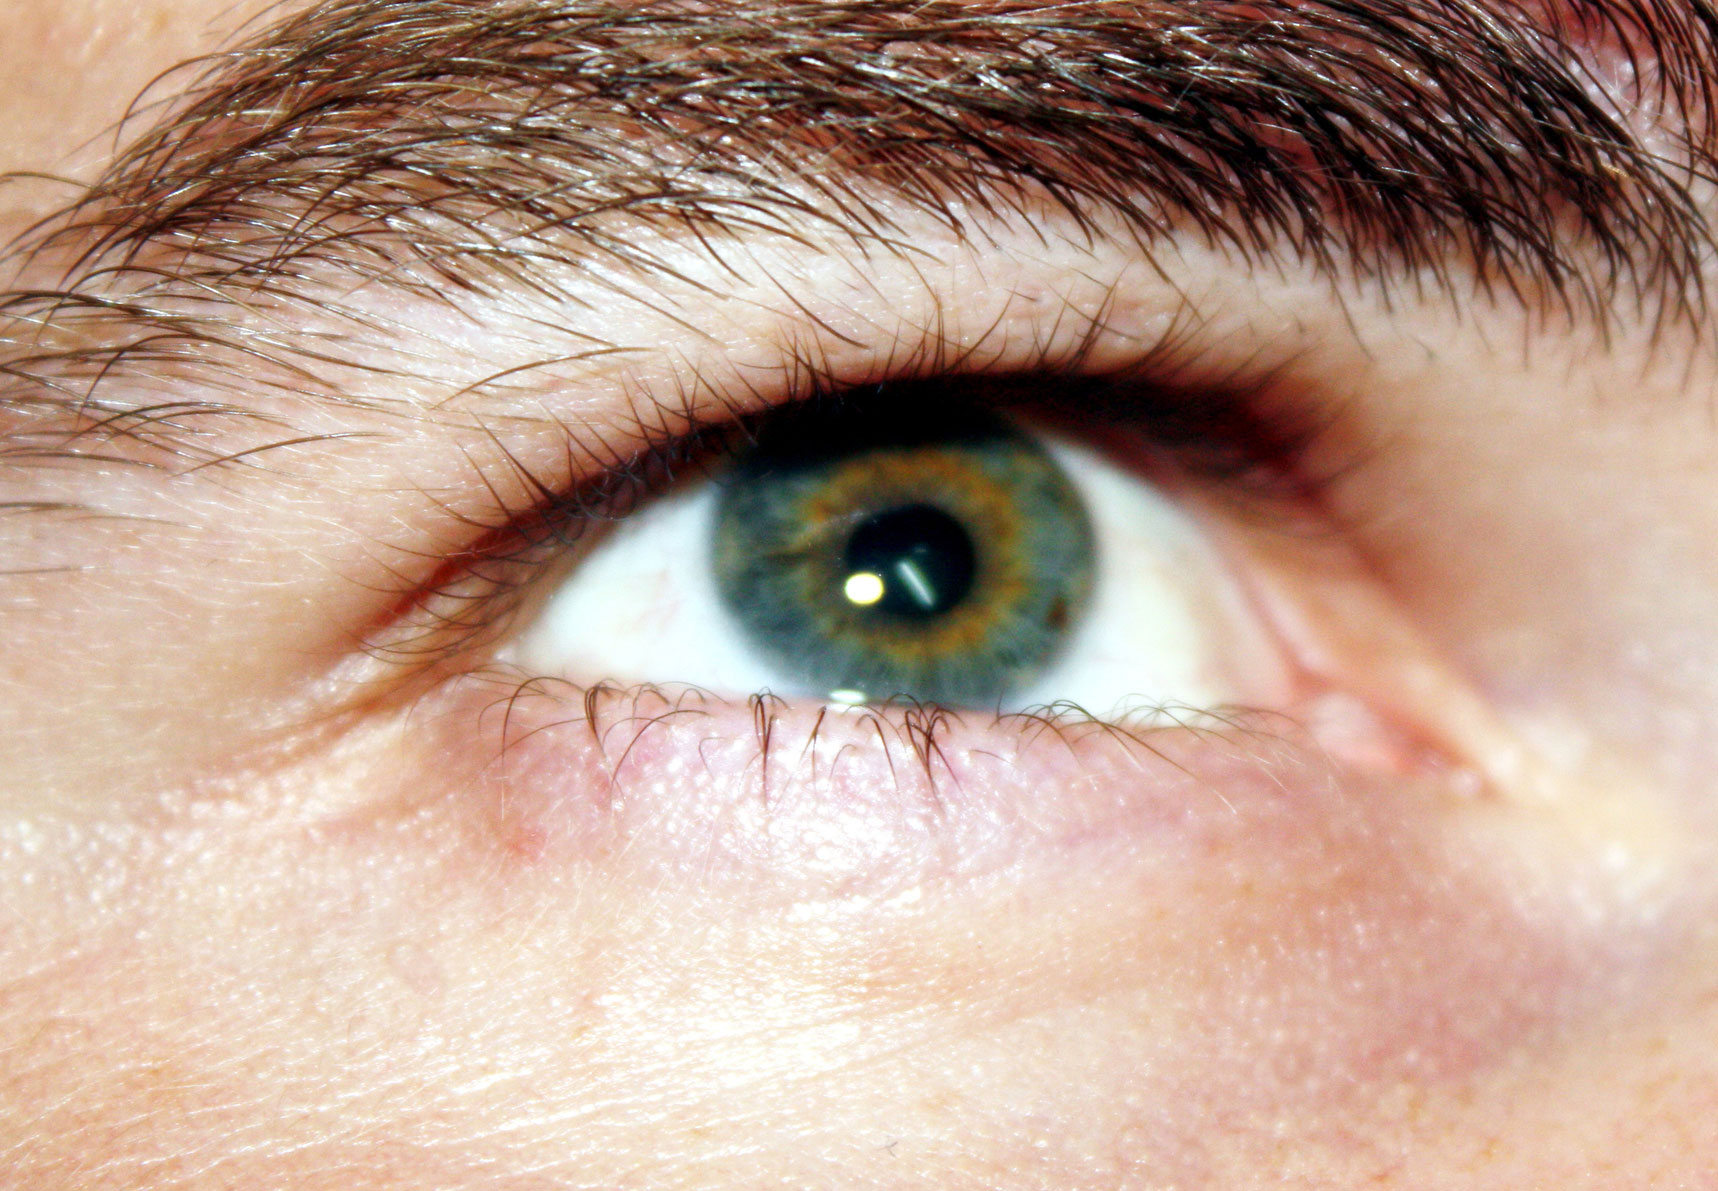 visszaadják-e a vakok látását?)